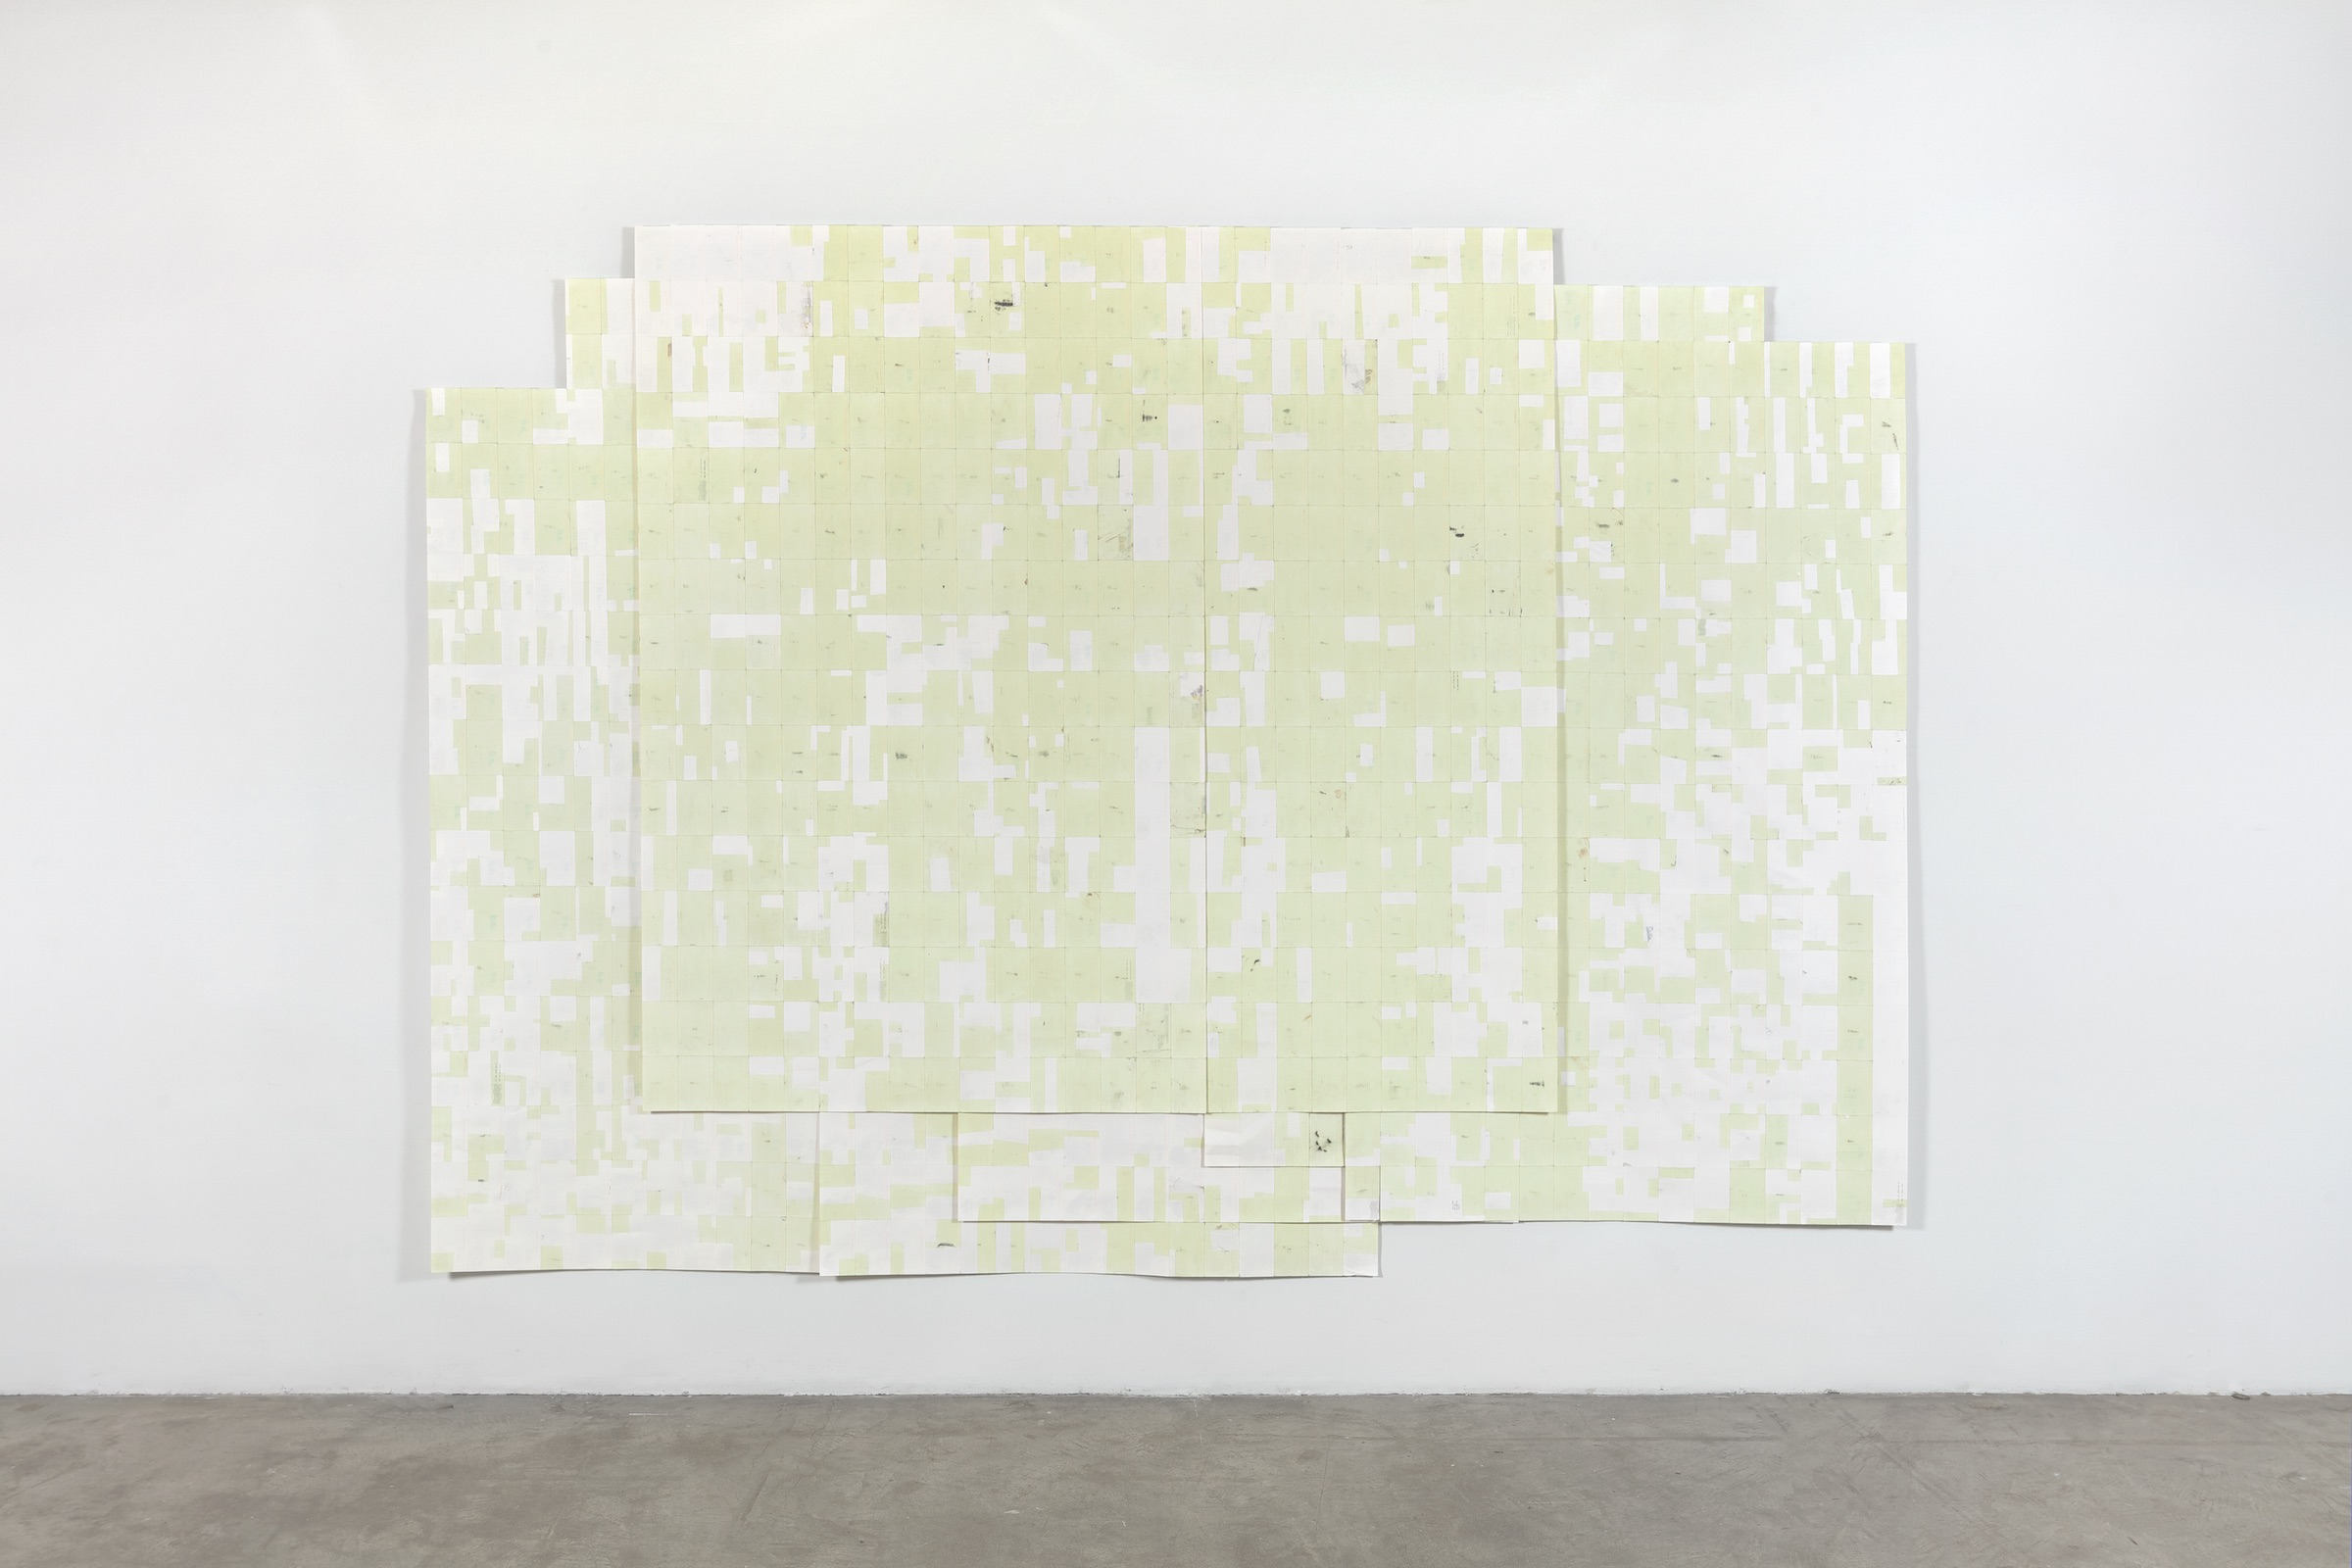 Agnes Lux, Hiver étéliés #4 ,2016,phosphorescent paint on postcards, 104.72 x 147.2 in (light view)